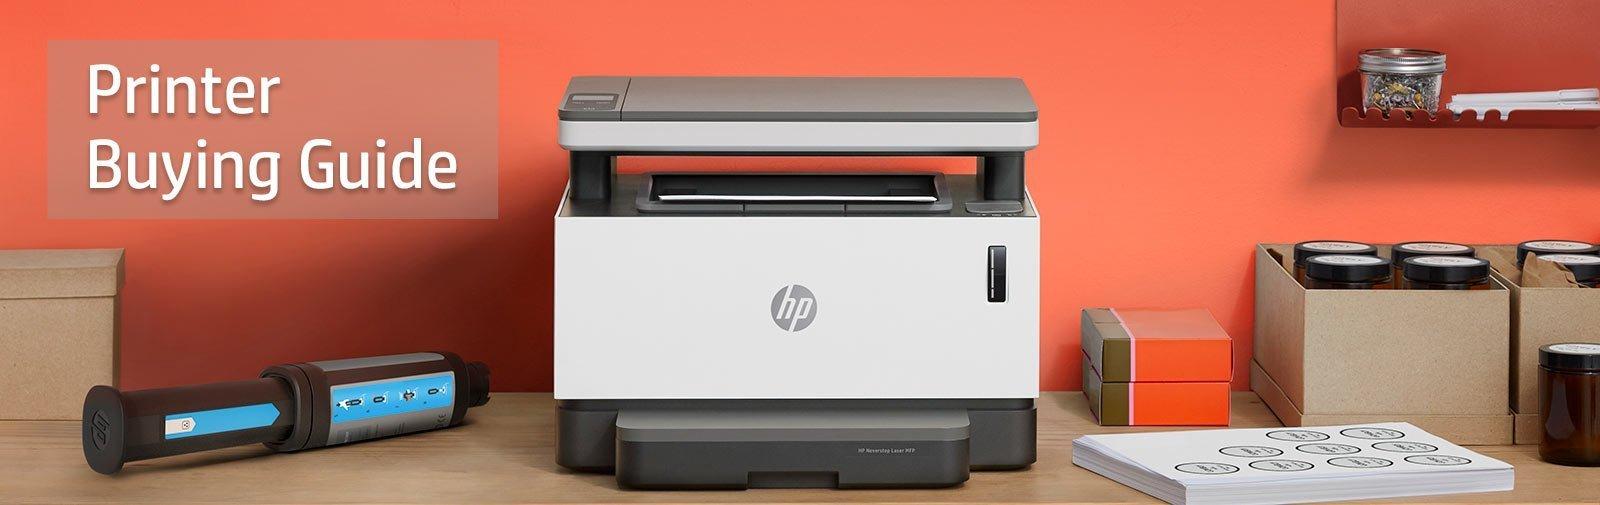 คู่มือการซื้อเครื่องพิมพ์สำหรับใช้ในบ้านหรือธุรกิจ